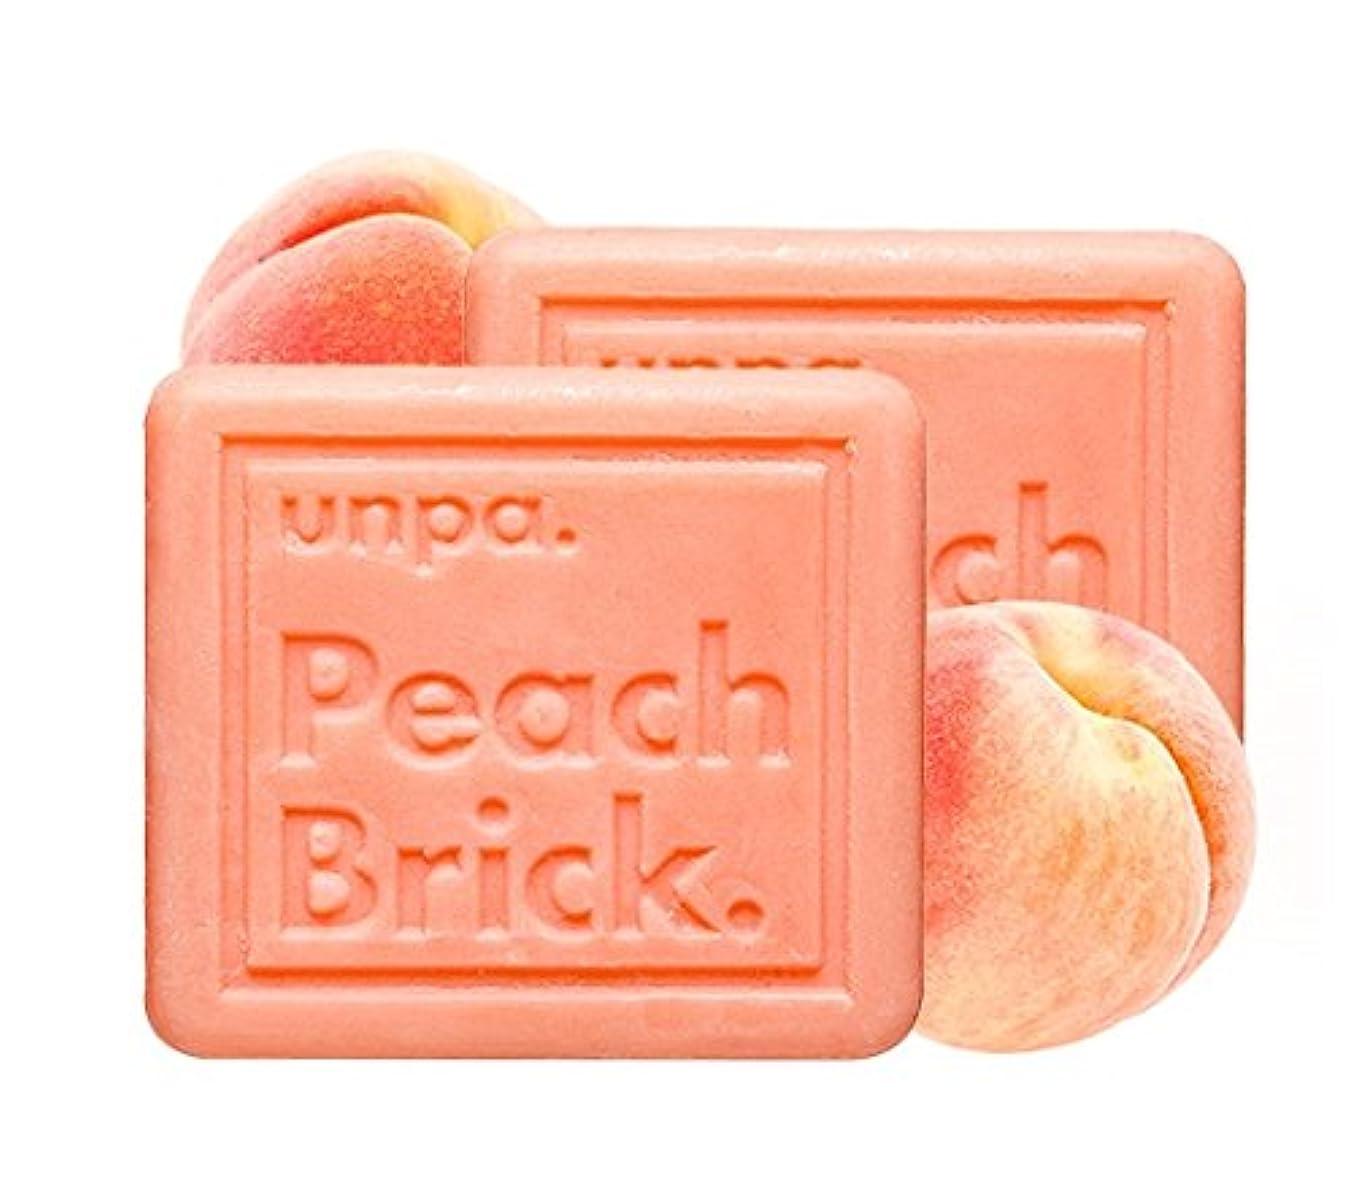 こねるプラカード十代unpa ピッチ?ブリック?トンアップ?ソープ(Peach Brick Tone-Up Soap)